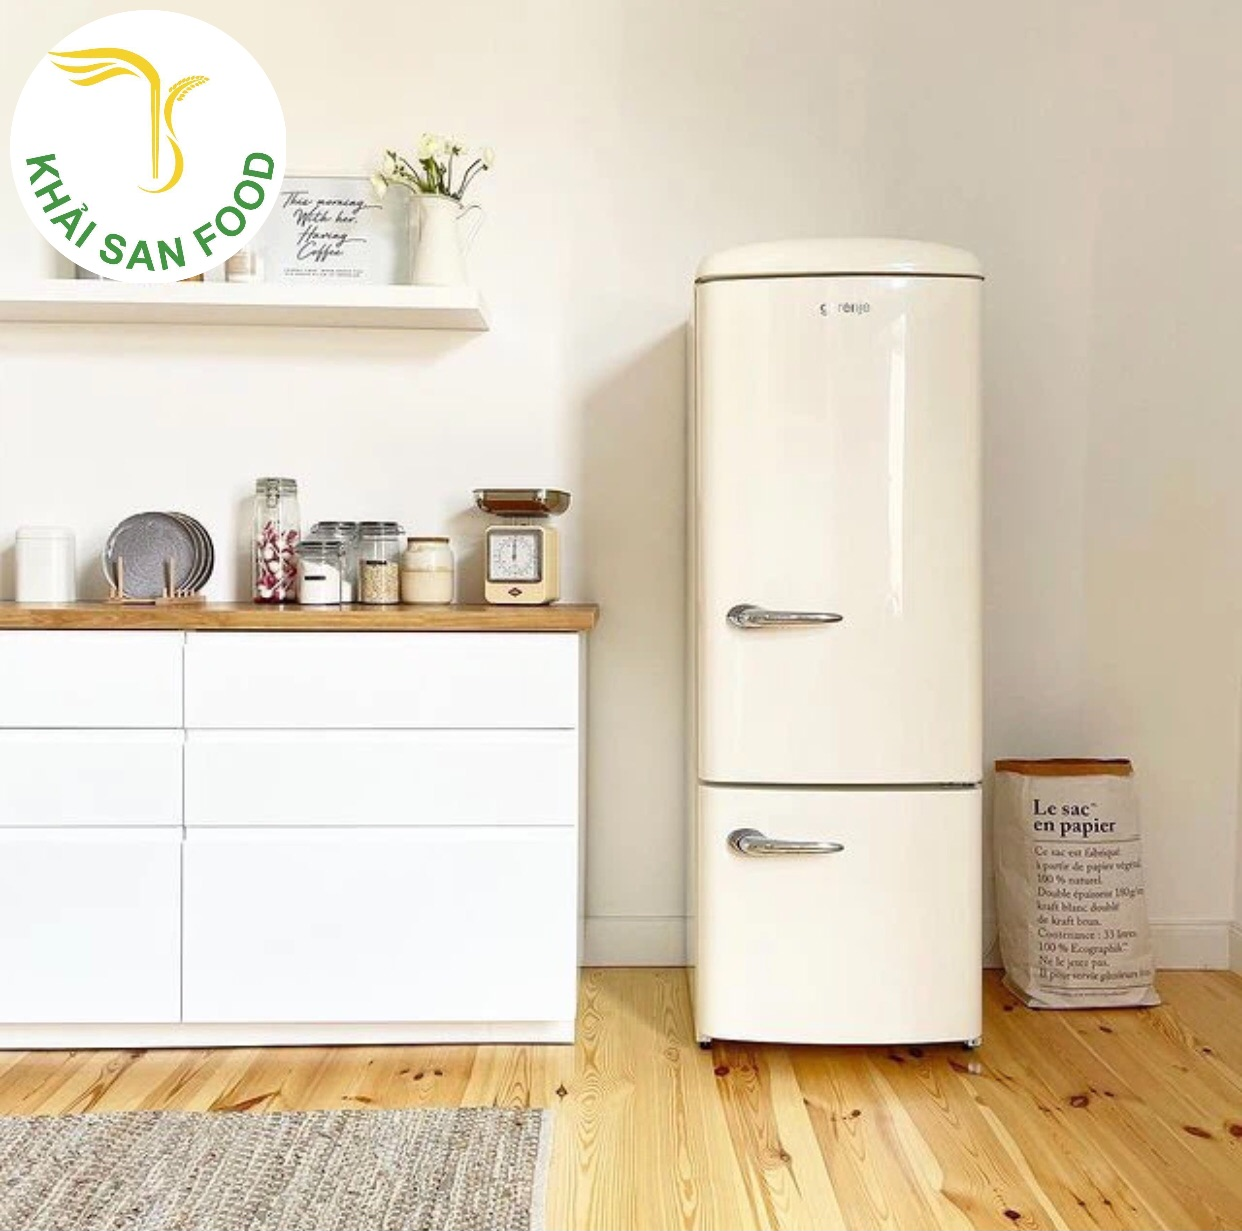 Tủ lạnh độc lập 2 cánh với màu sắc đơn giản. Thiết kế nhỏ gọn, nhưng vô cùng khác biệt và mới lạ.